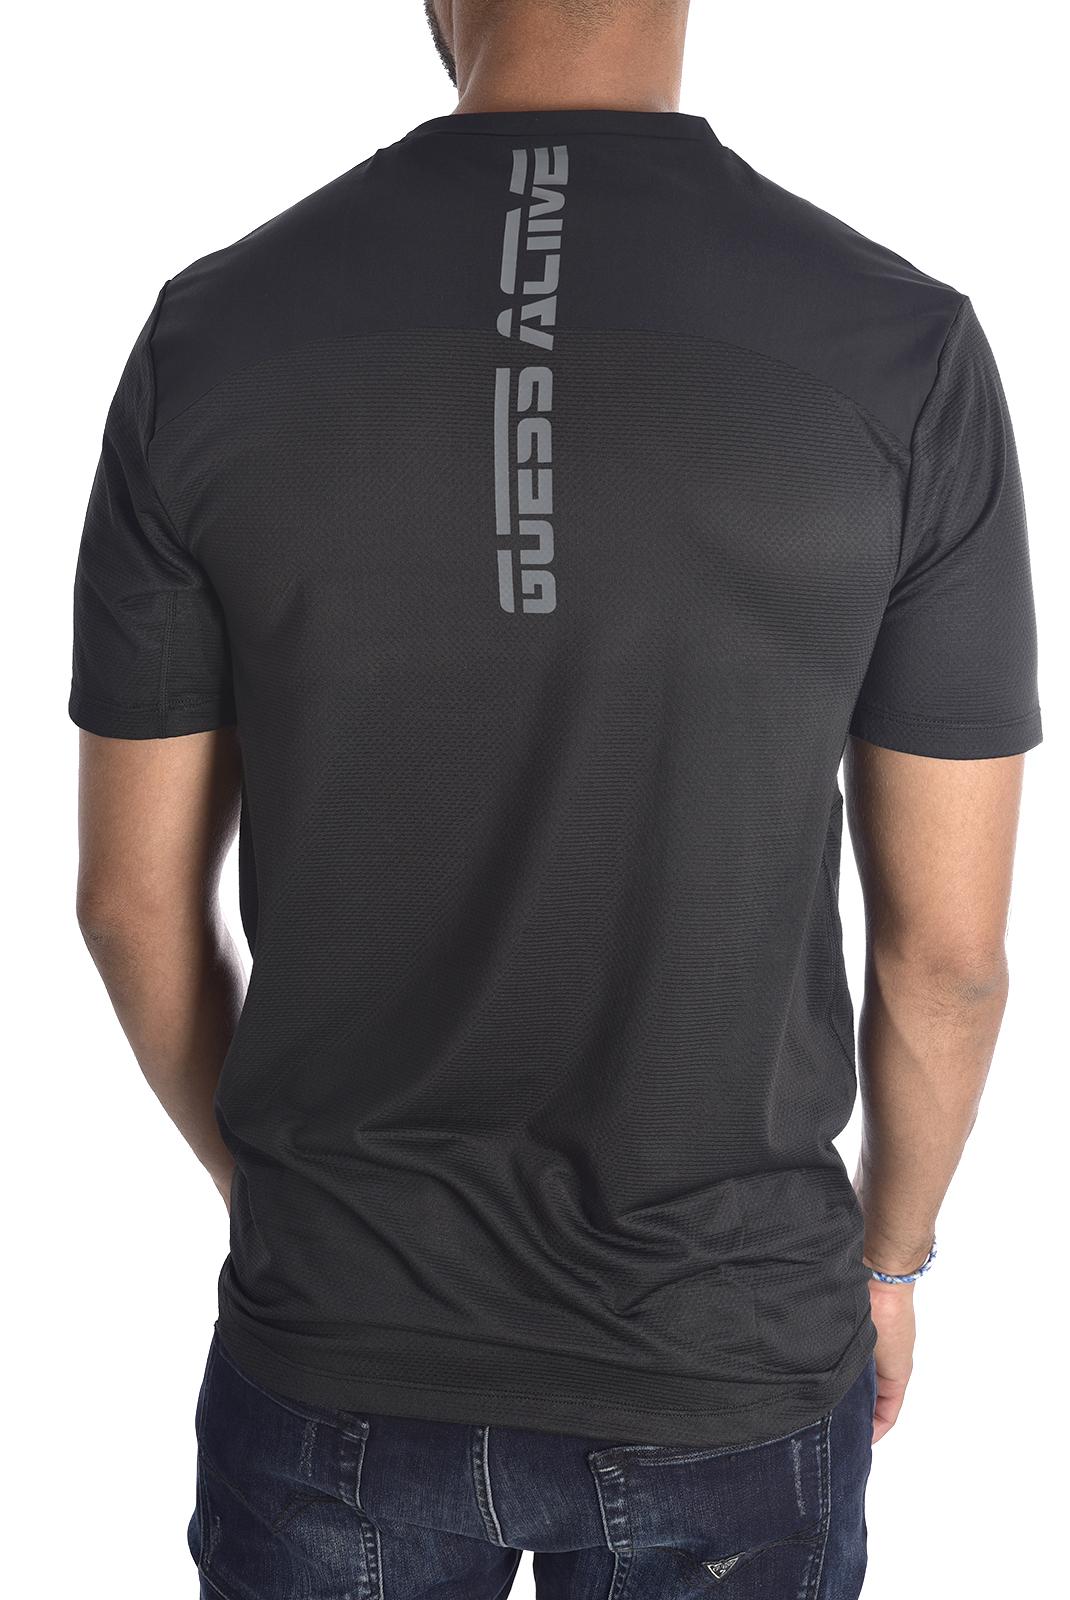 Tee-shirts  Guess jeans U94A05 MC031 A996